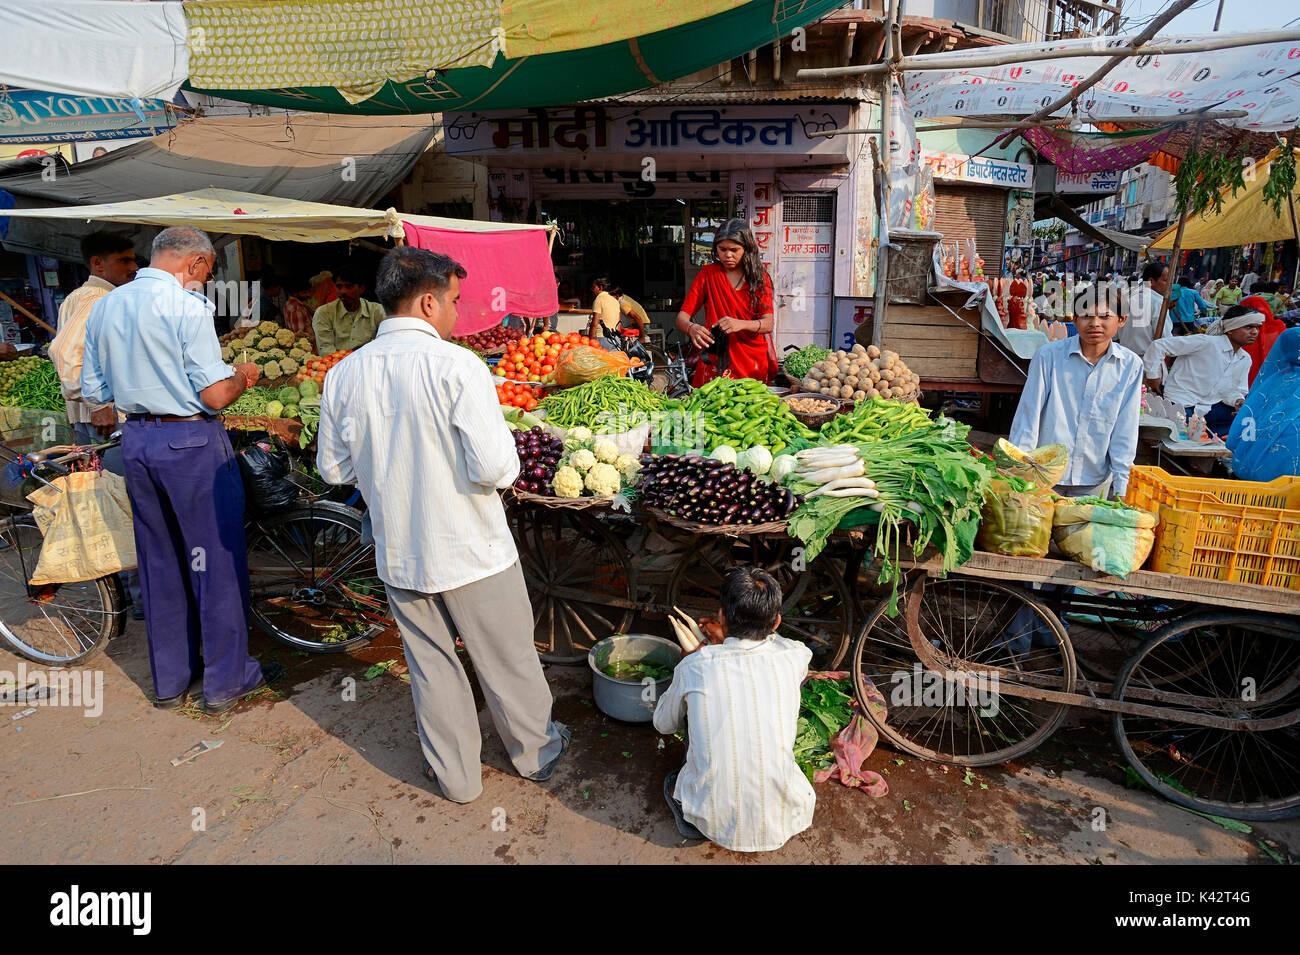 Marktstand mit Gemüse, Bharatpur, Rajasthan, Indien | Marktstand Mit Gemuese, Bharatpur, Rajasthan, Indien Stockbild